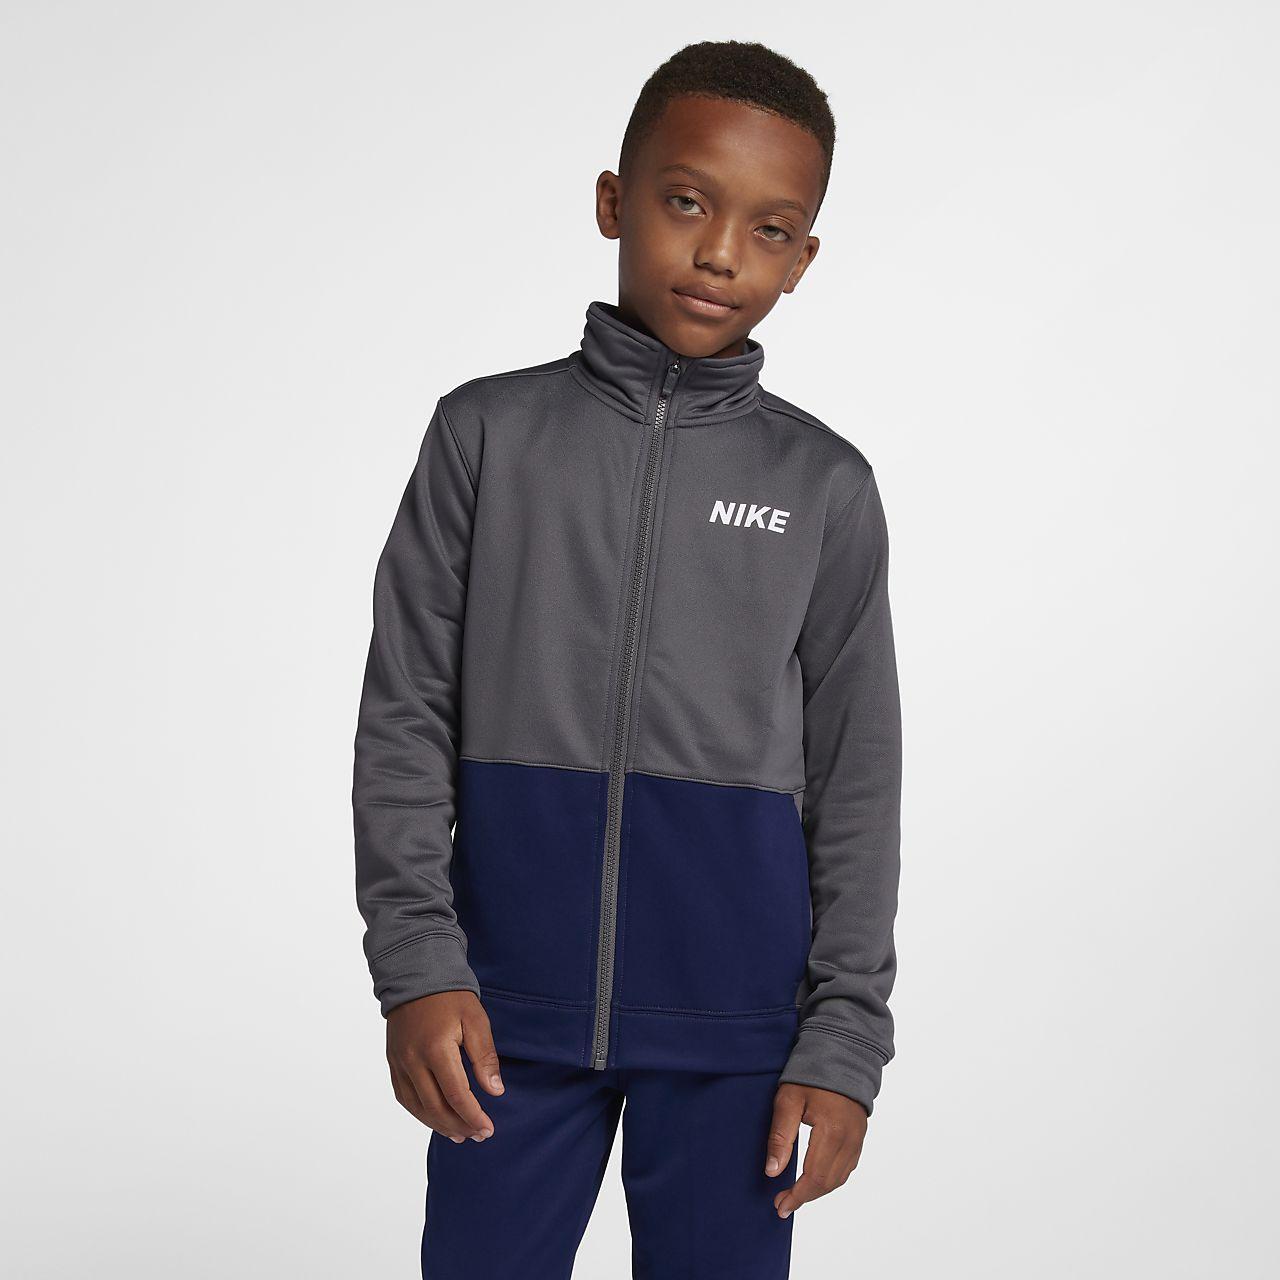 c62abcaf6b06d Nike Sportswear Chándal - Niño. Nike.com ES